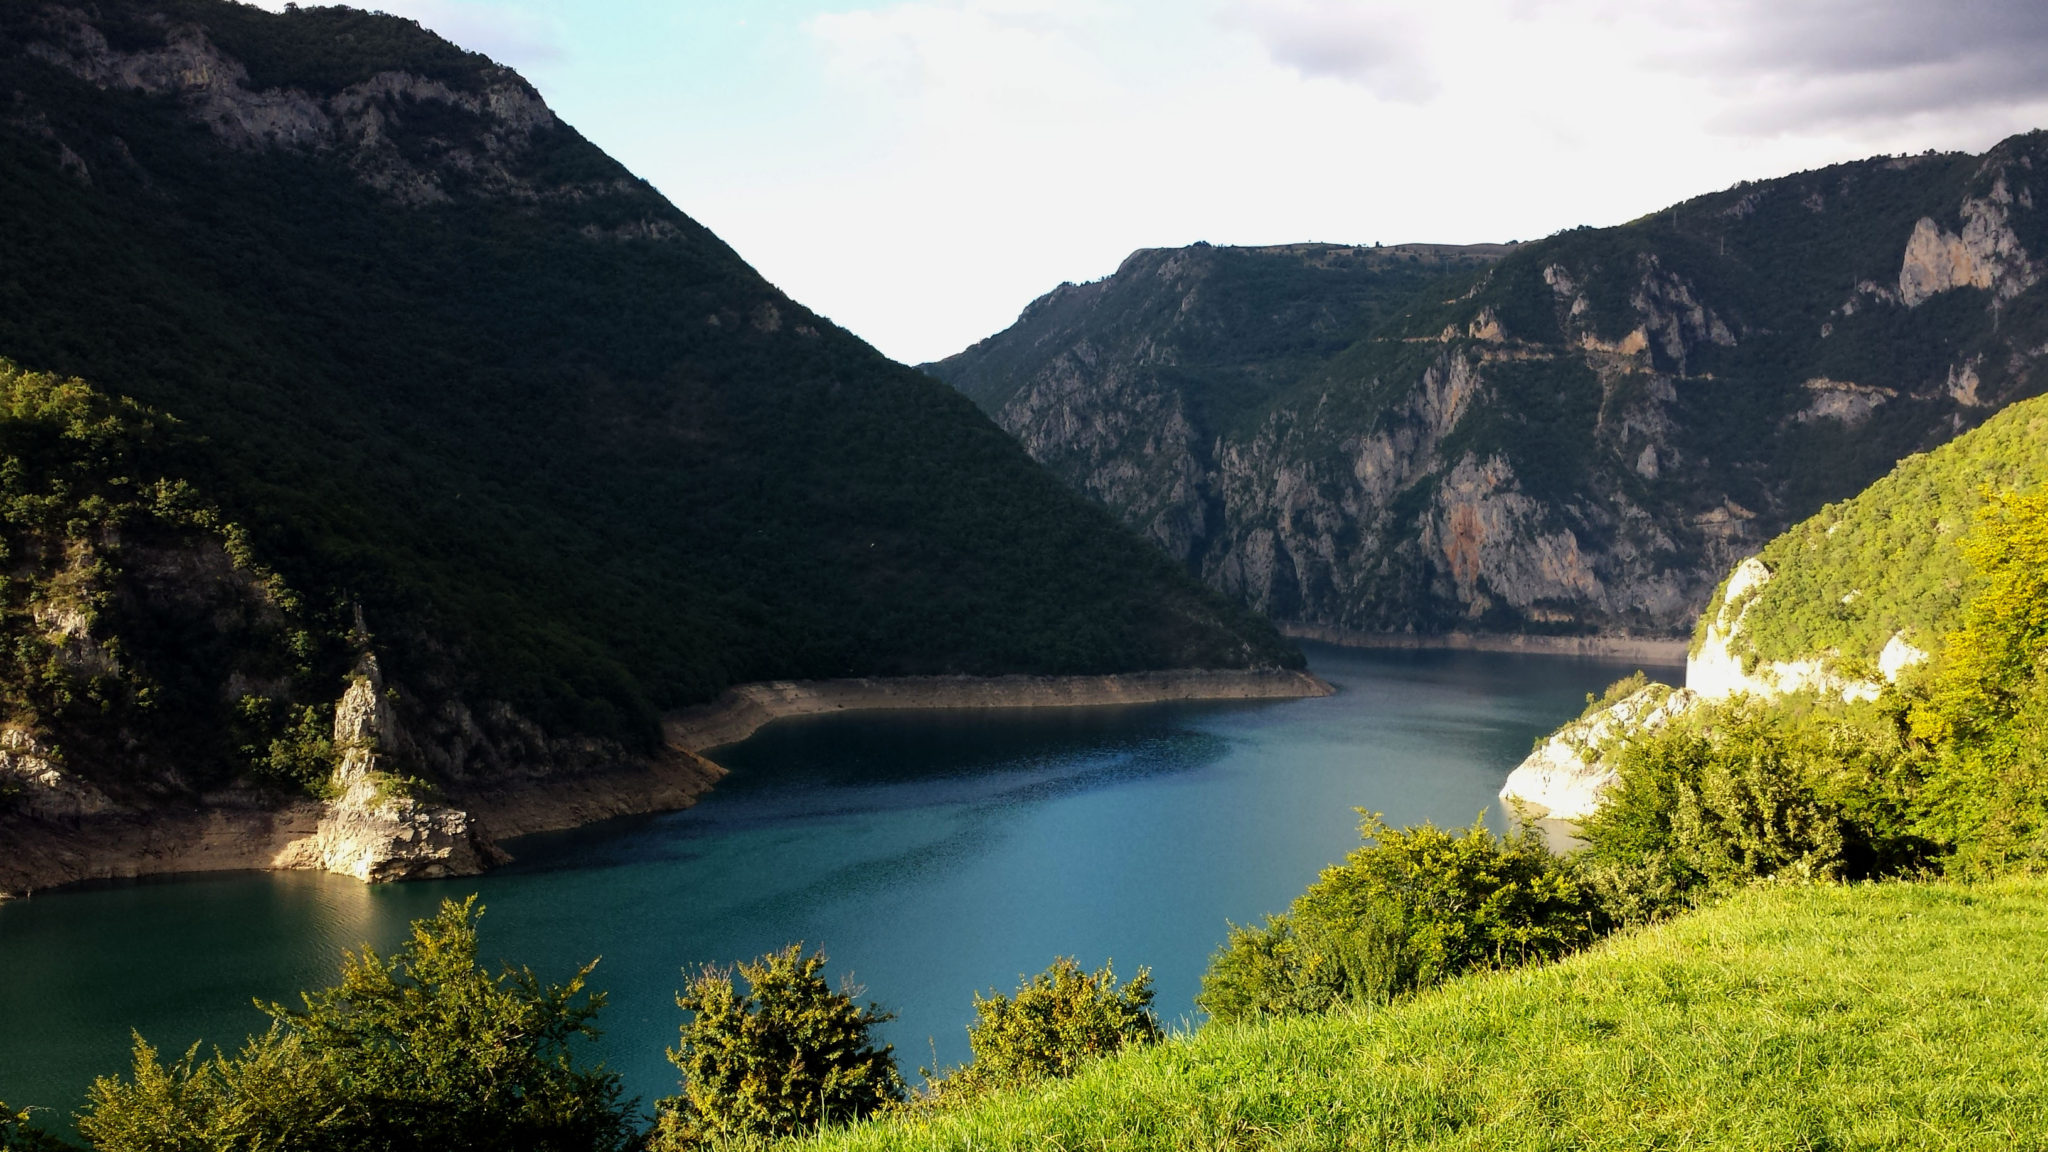 Hemaposesesvalises_montenegro_rafting_canyon_de_la_piva_tara_scepan_polje_travel_voyage_blog2